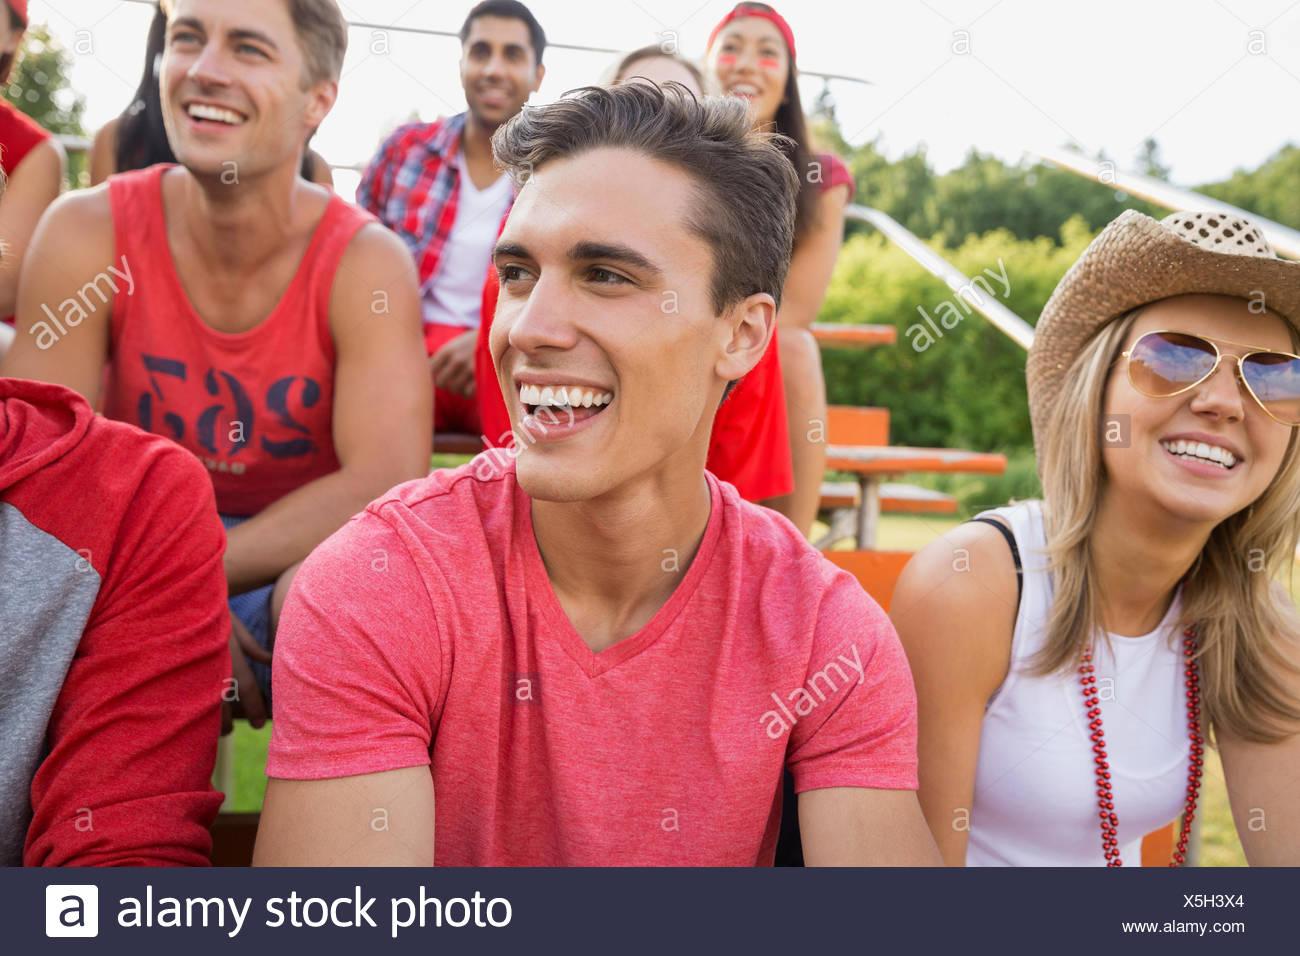 El hombre riendo en evento deportivo Imagen De Stock